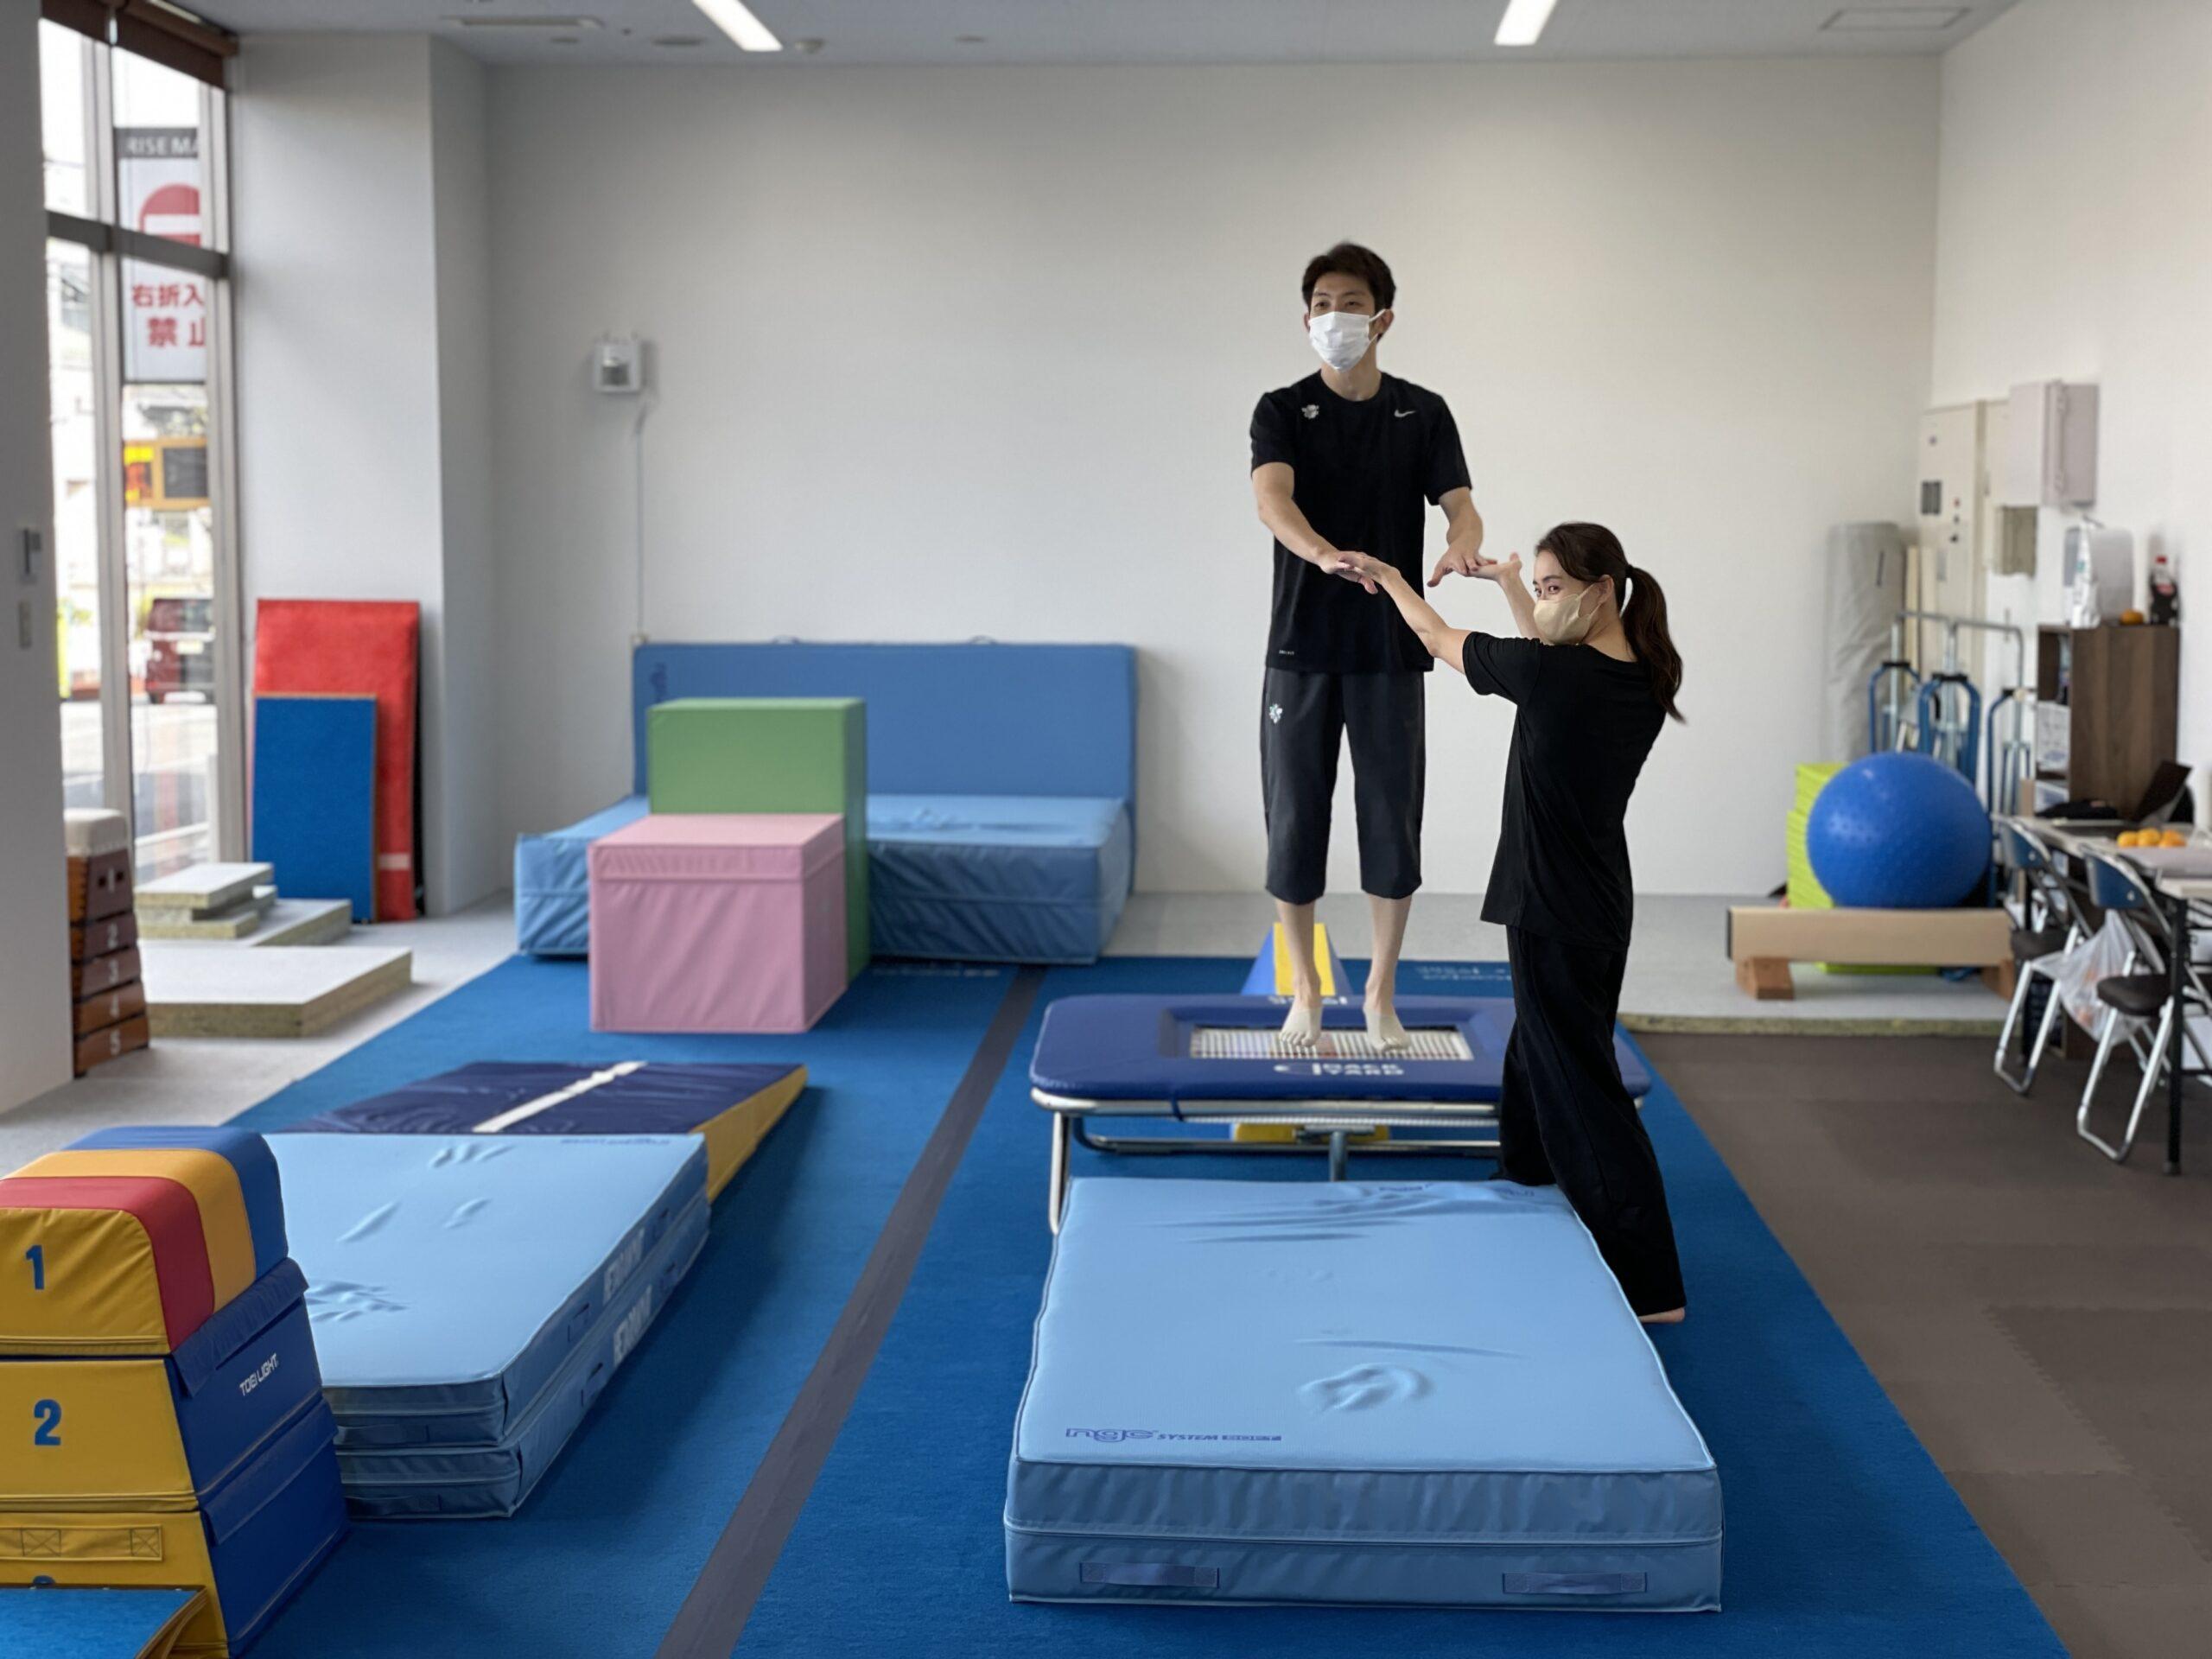 田中体操クラブで無料体験!体操サーキットのワンポイントレッスン実施中!